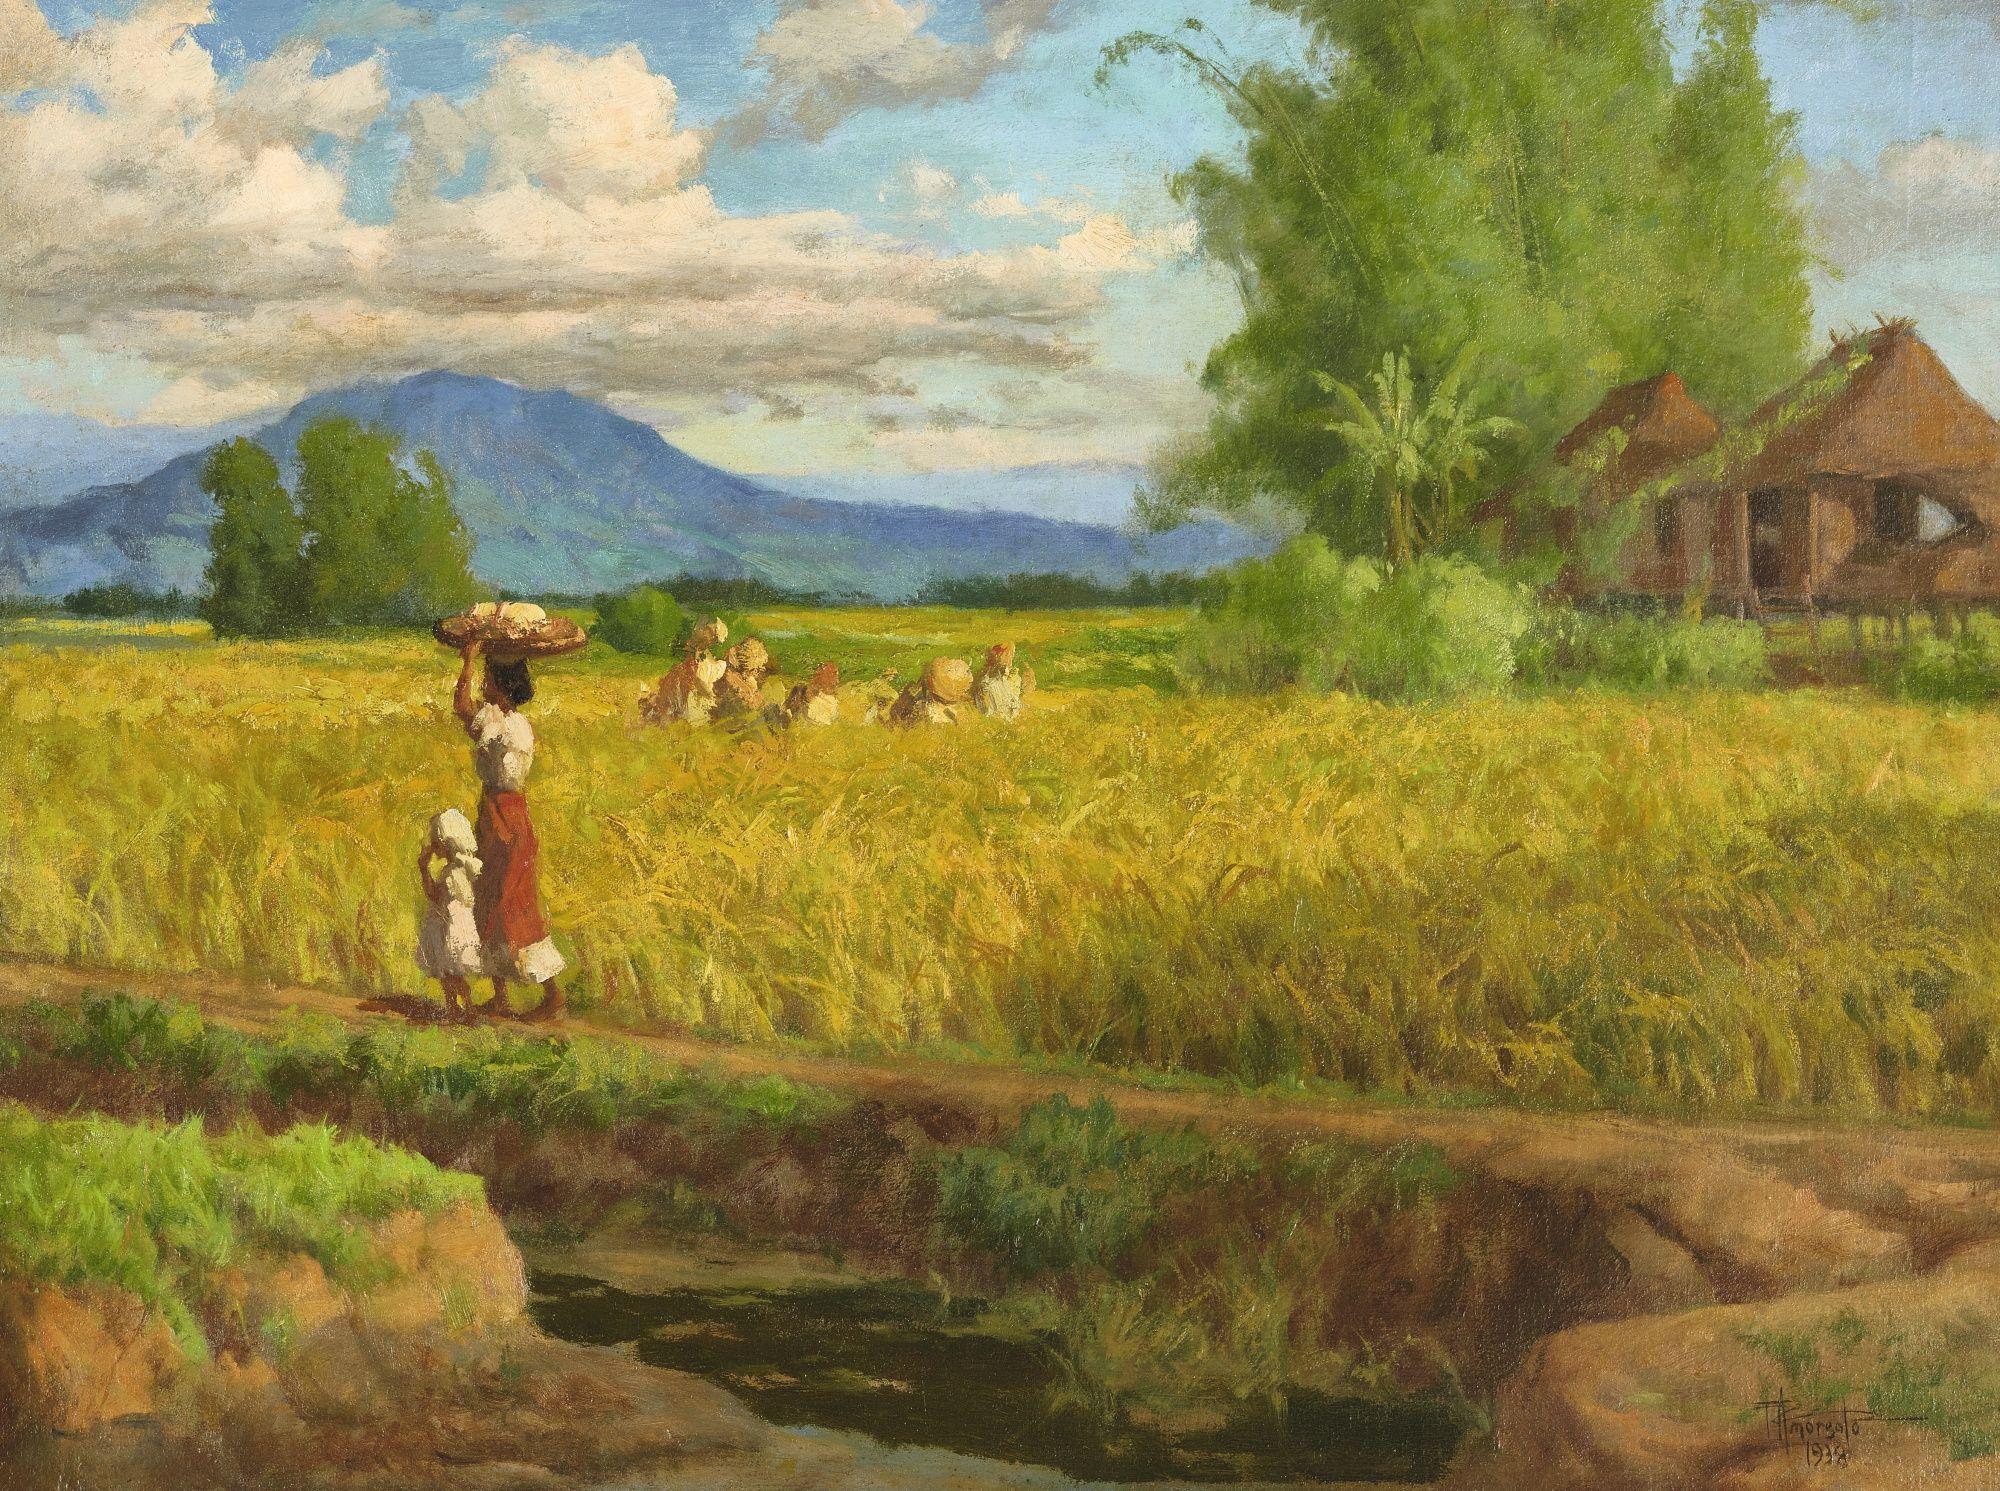 Pin by RAMAT LANCAH on LUKISAN Philippine art, Filipino